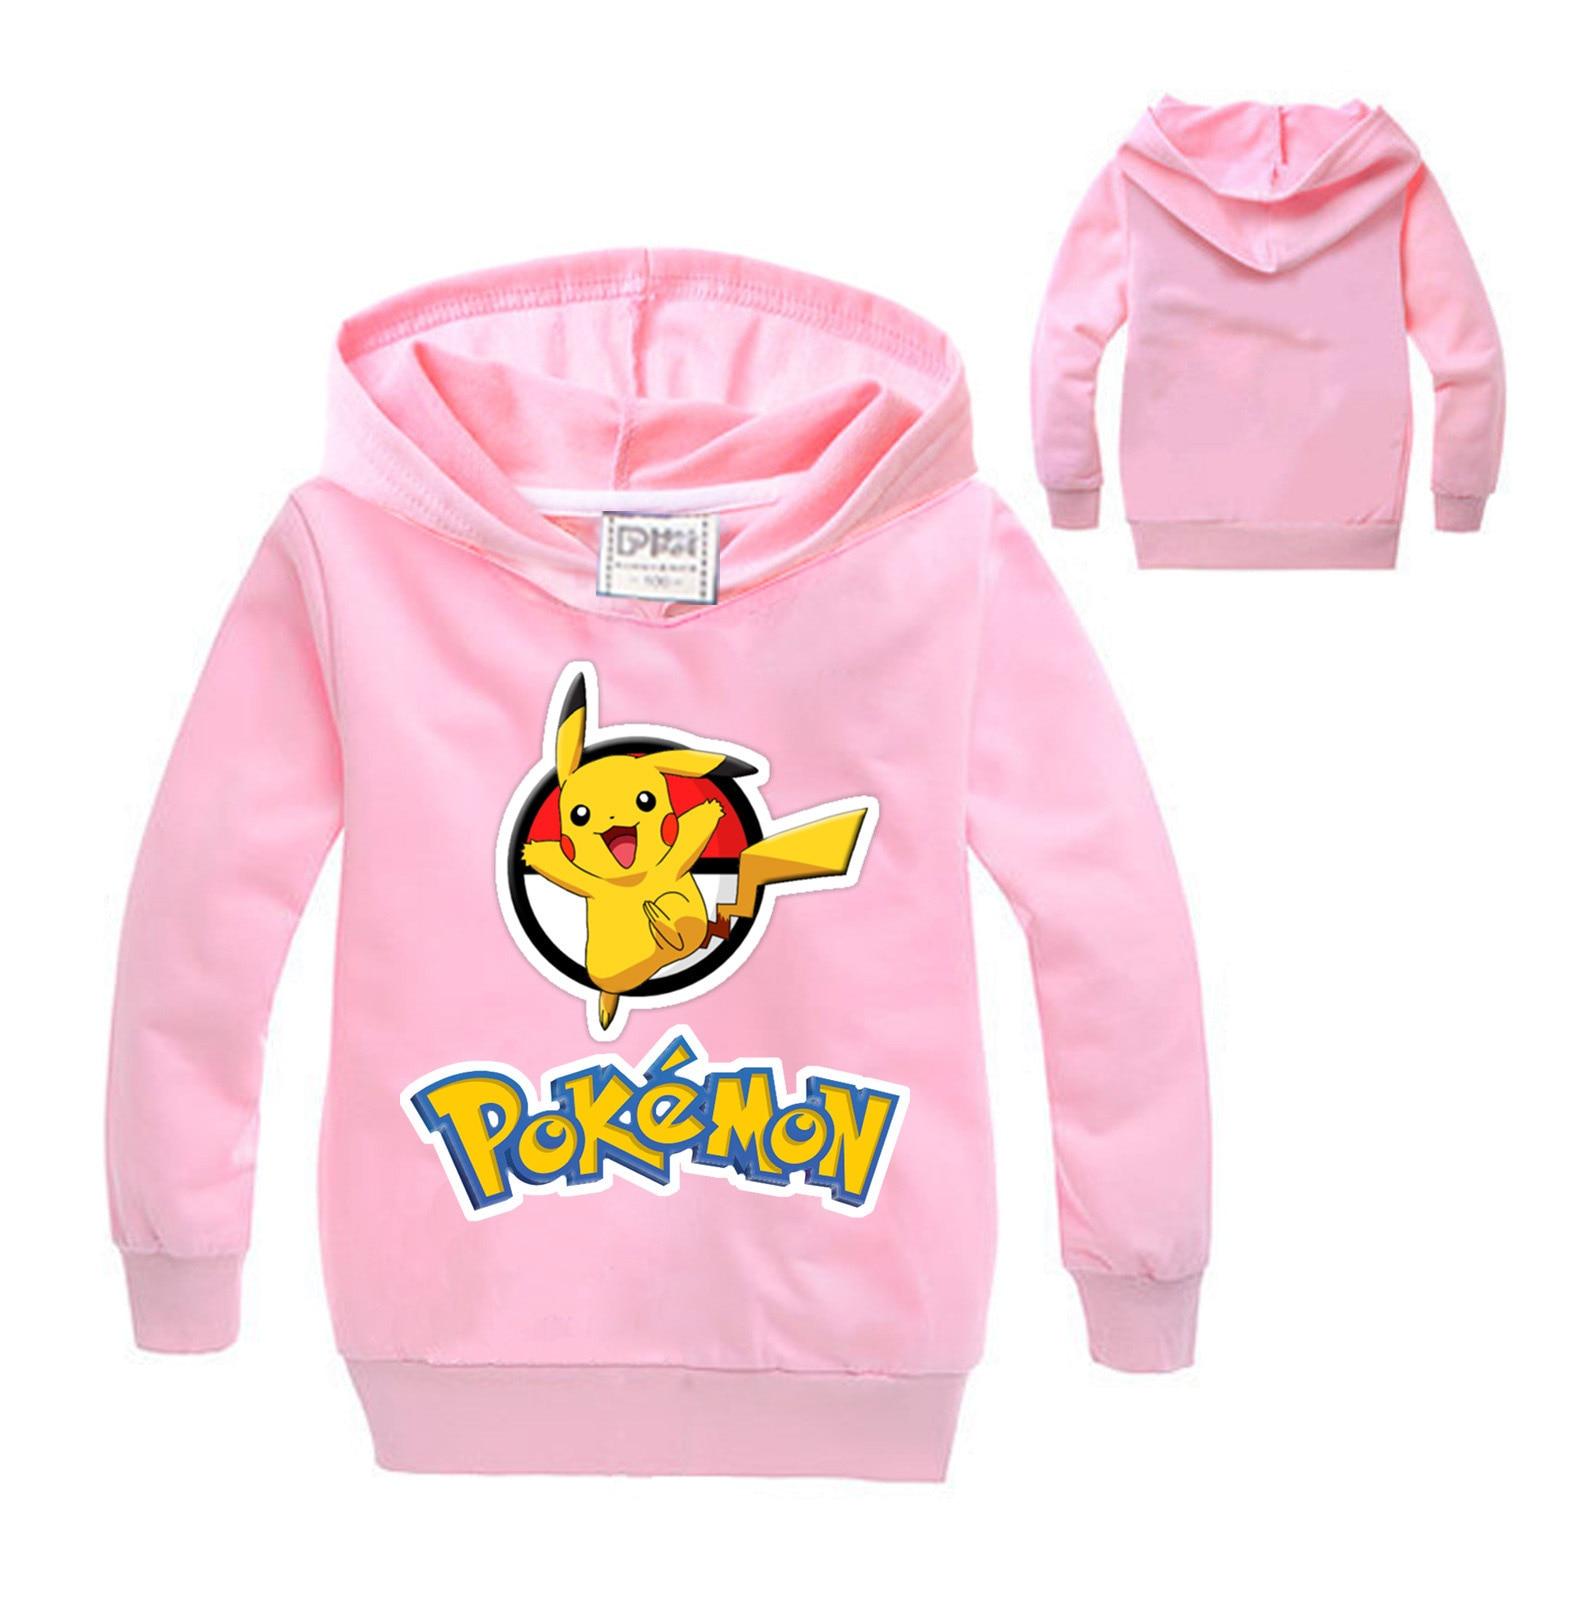 Pokemon GO Pikachu Kids Boys Girls Hoodies Hooded Pullover Sweatshirt Hoody Tops